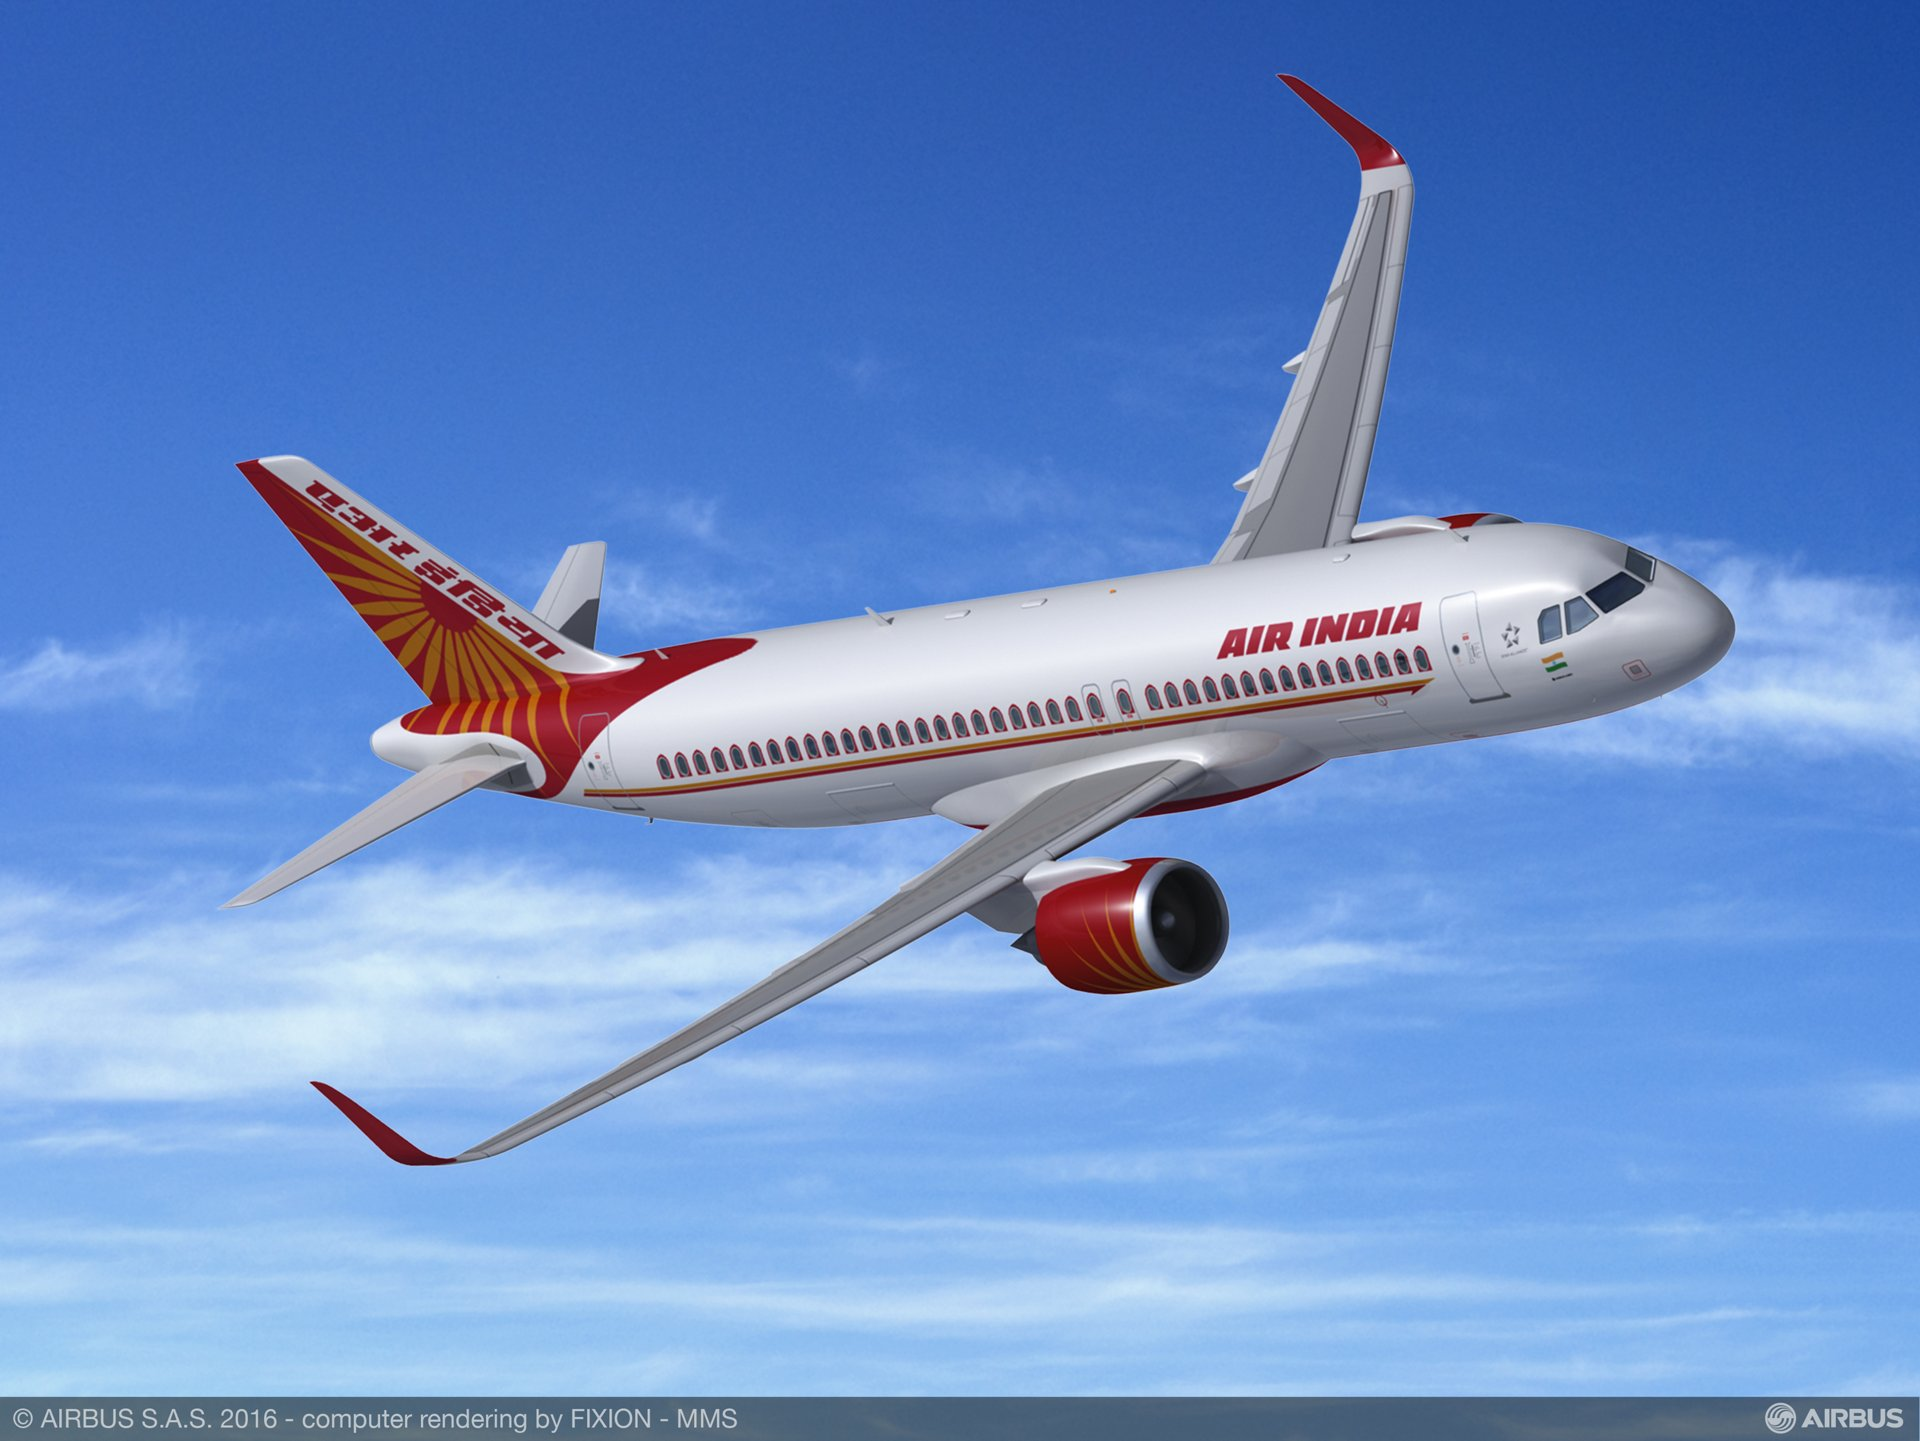 Air India future A320neo operator